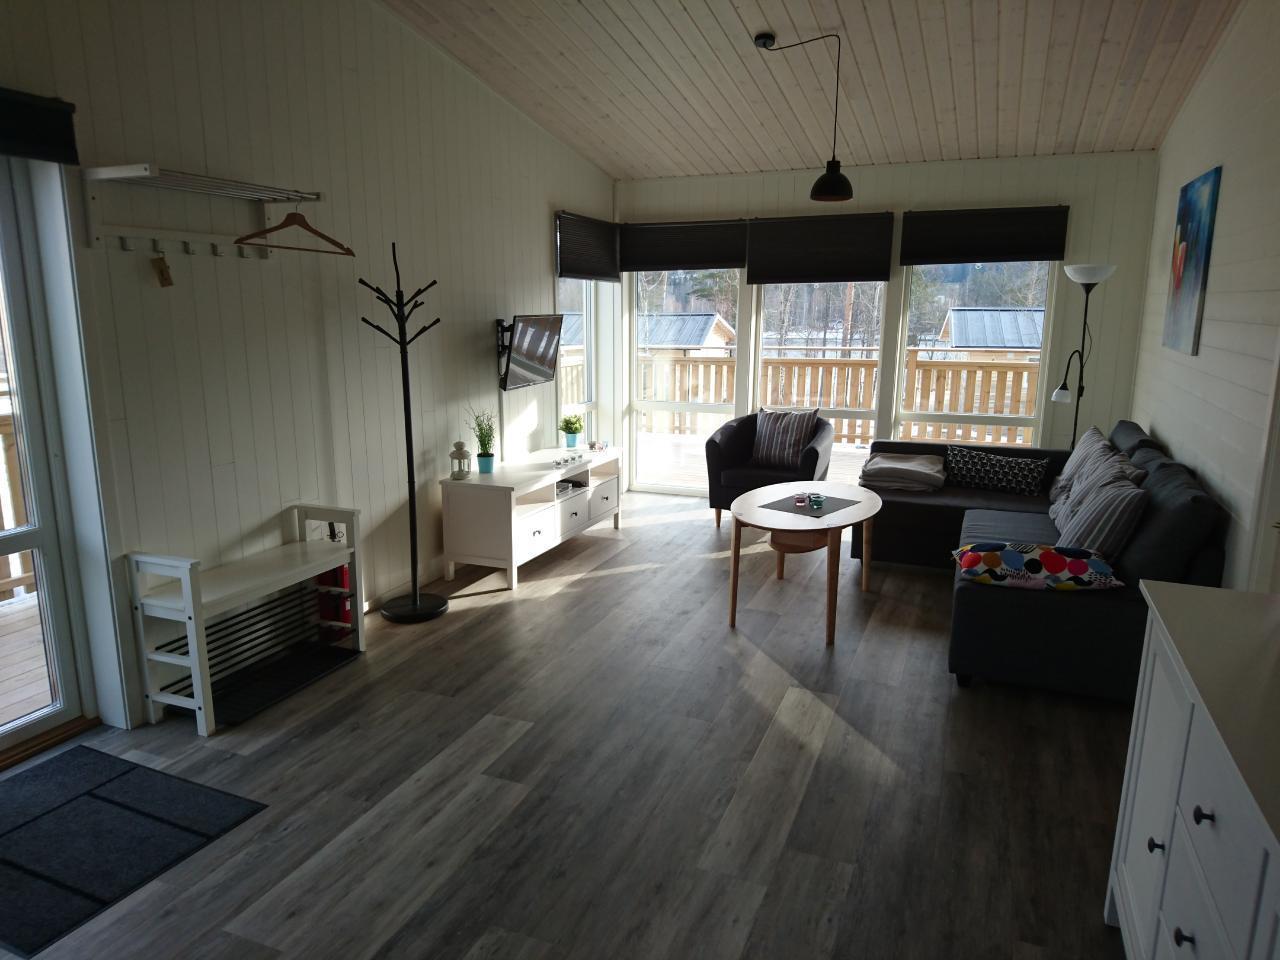 Ferienhaus Haus am Dalslandkanal/ See Laxsjön (2549266), Dals Långed, Västra Götaland län, Westschweden, Schweden, Bild 3